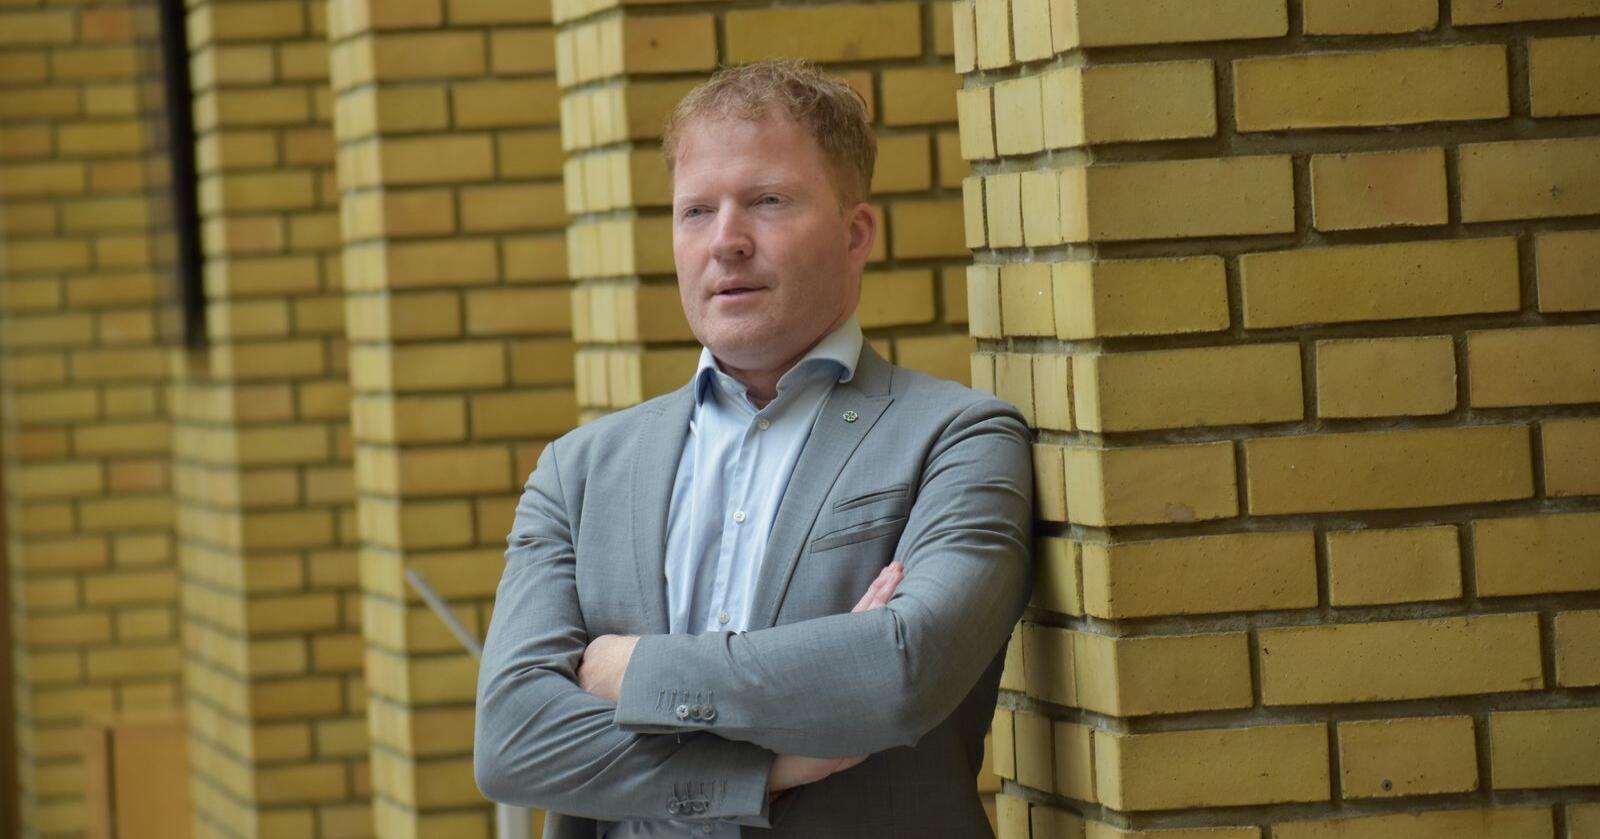 Senterpartiets Sigbjørn Gjelsvik sier det ikke er aktuelt med noen folkeavstemning om norsk EØS-medlemskap i nær fremtid. Foto: Henrik Heldahl